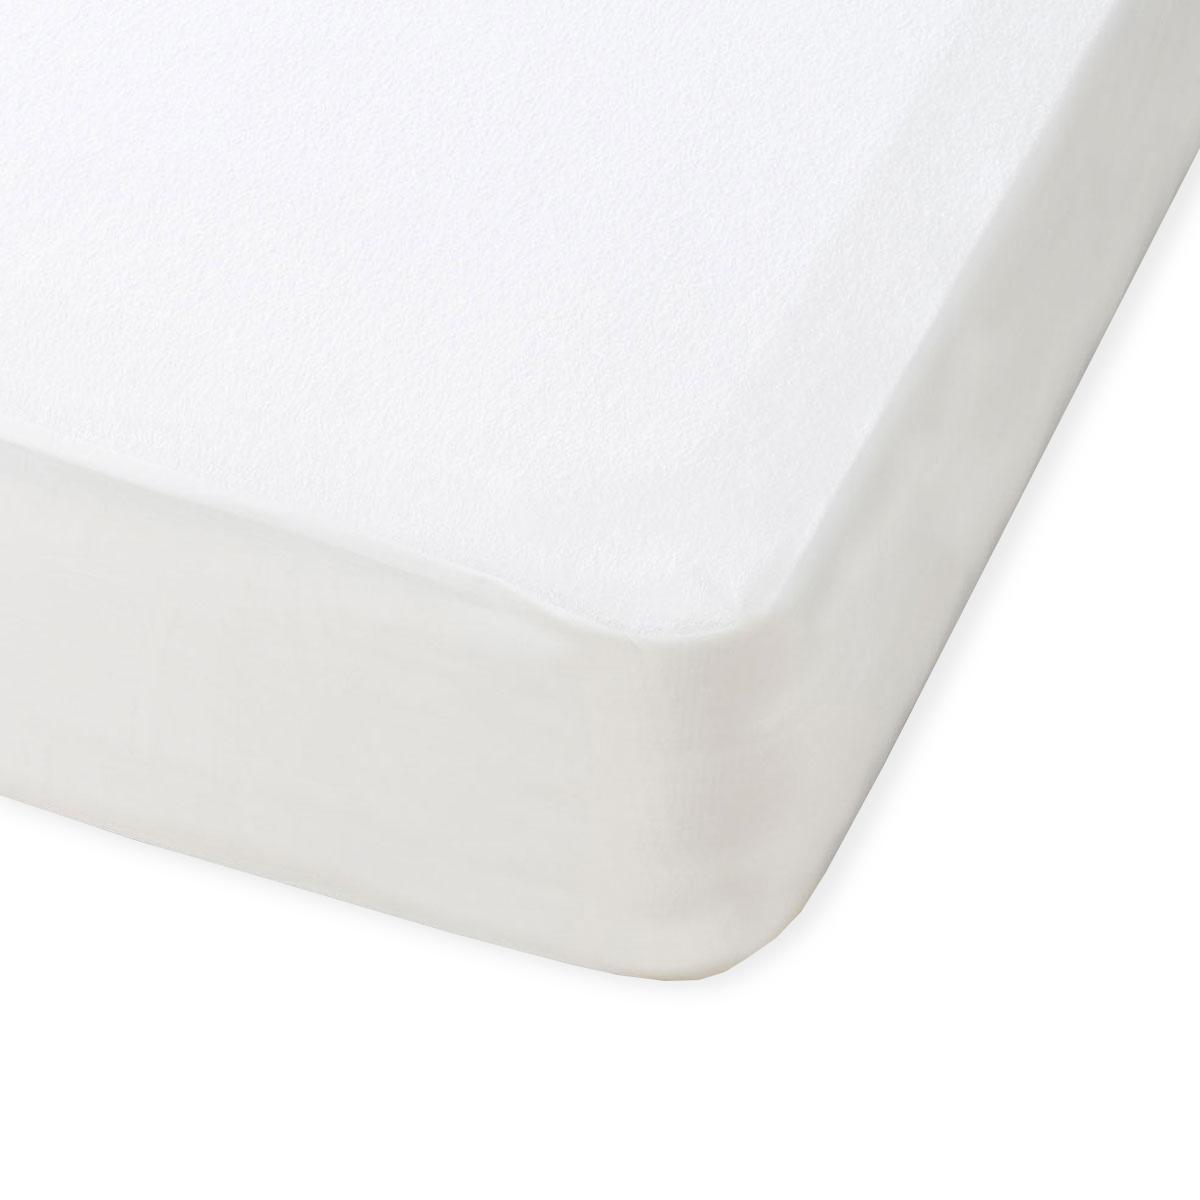 Protège-matelas Pro ABSORBANT - S'adapte aux matelas épais 180x200 cm